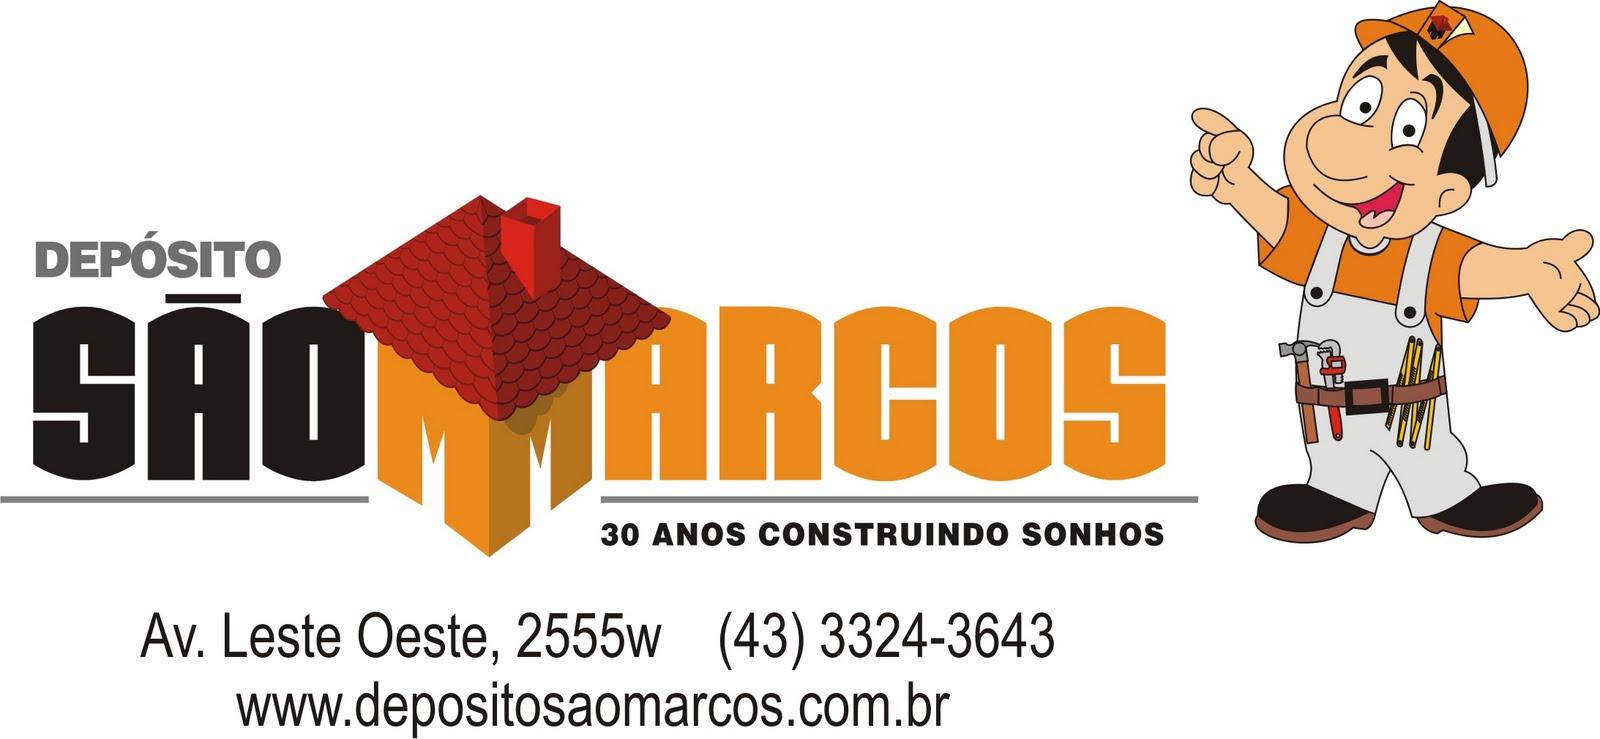 Depósito São Marcos Logo | Logos Rates